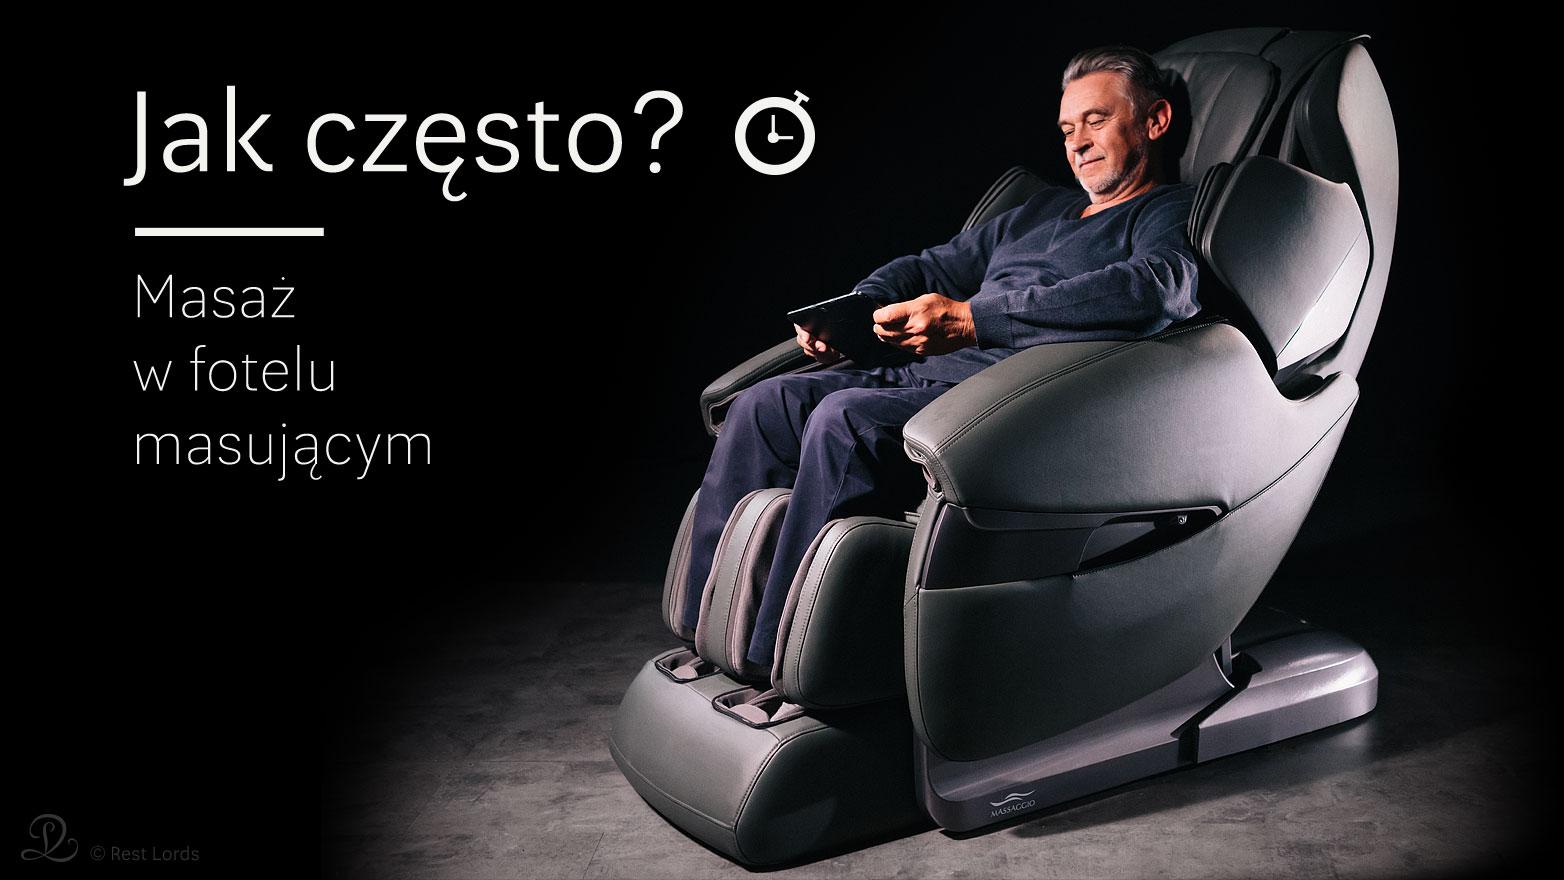 Jak często masaż na fotelu masującym?